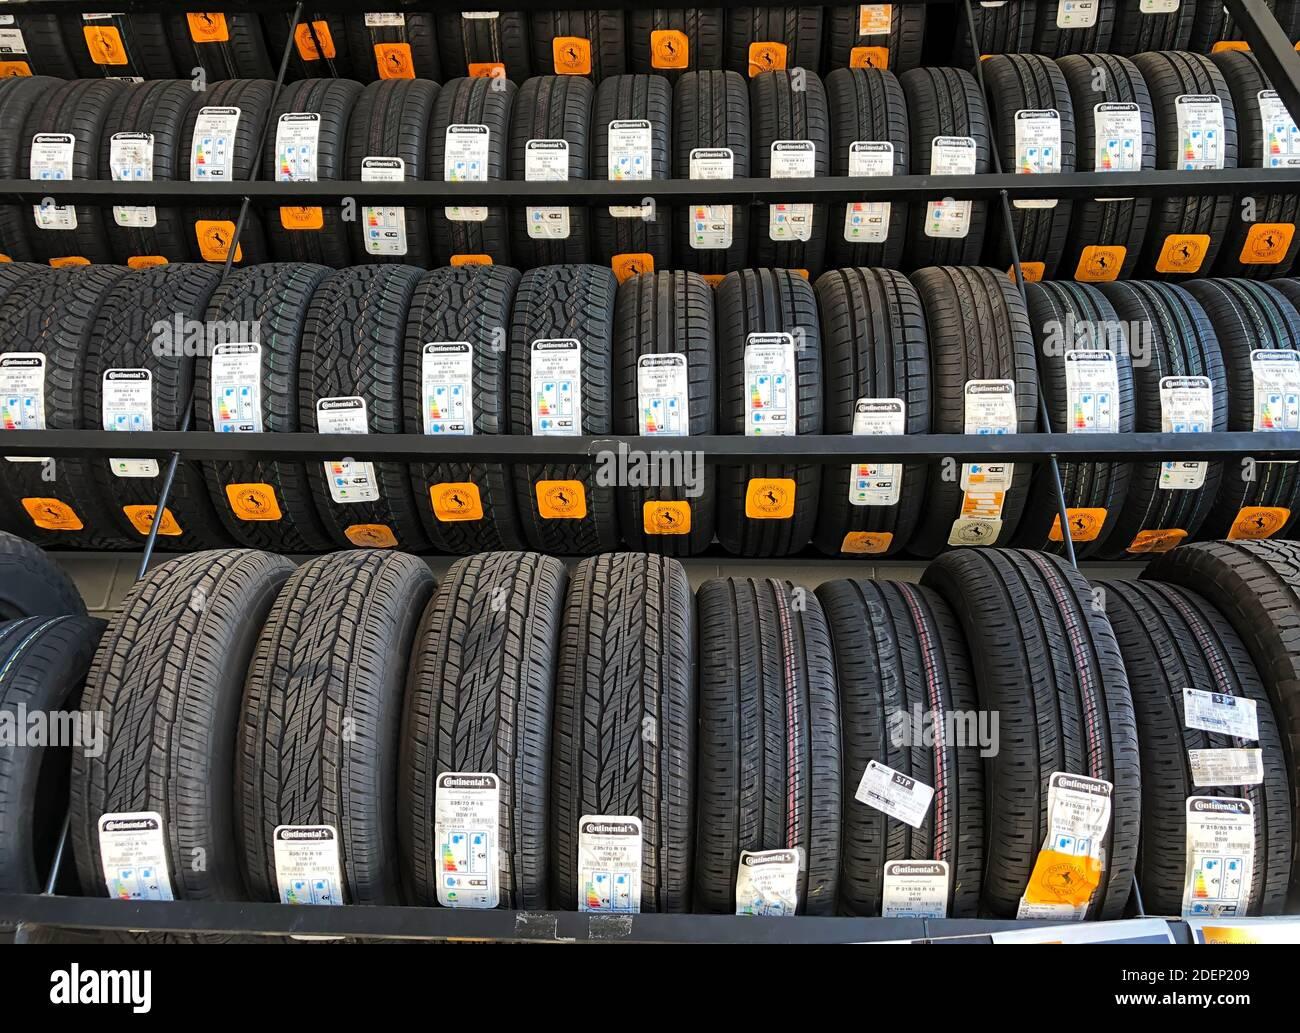 5 de noviembre de 2020. São Paulo, SP, Brasil. Neumáticos de Marca continental en un distribuidor de Marca. Foto de stock